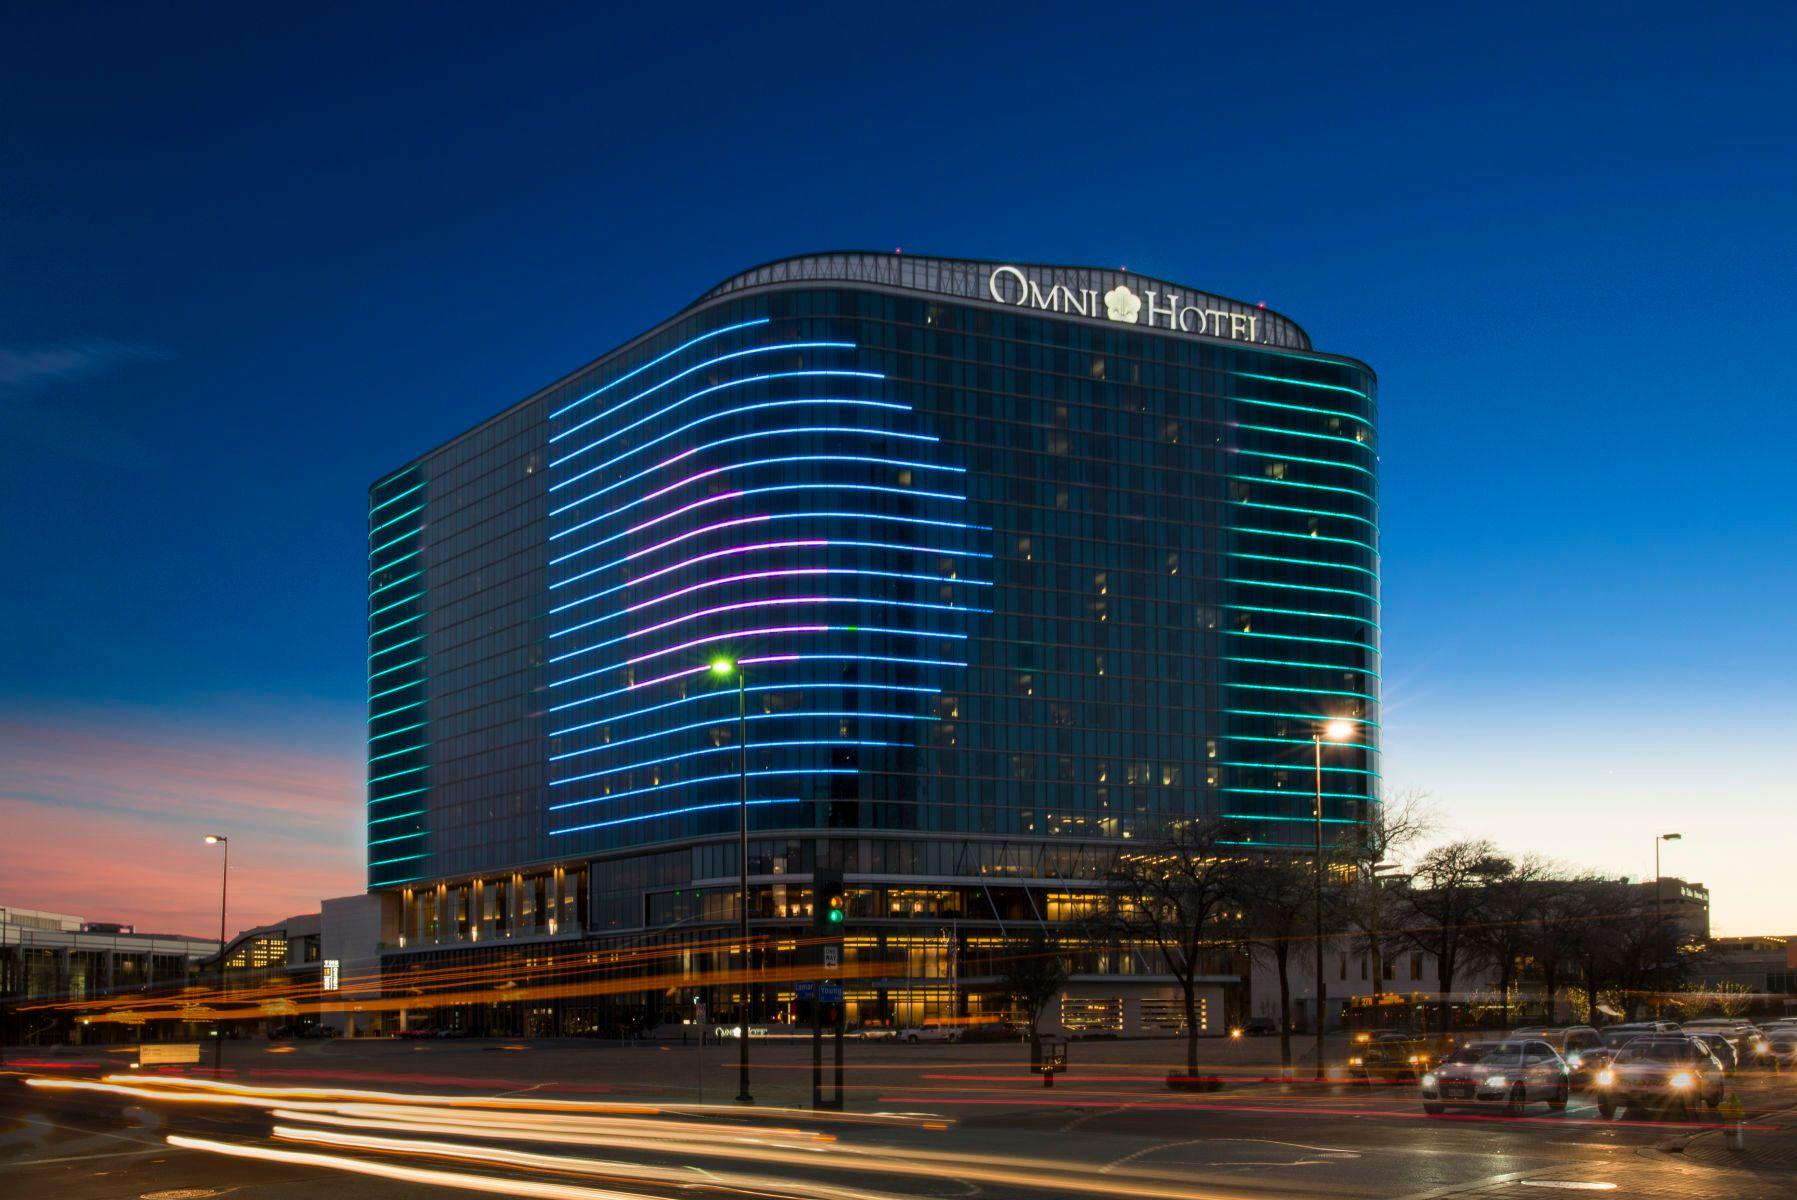 4_1omni_hotel_dallas_sky_hr.jpg